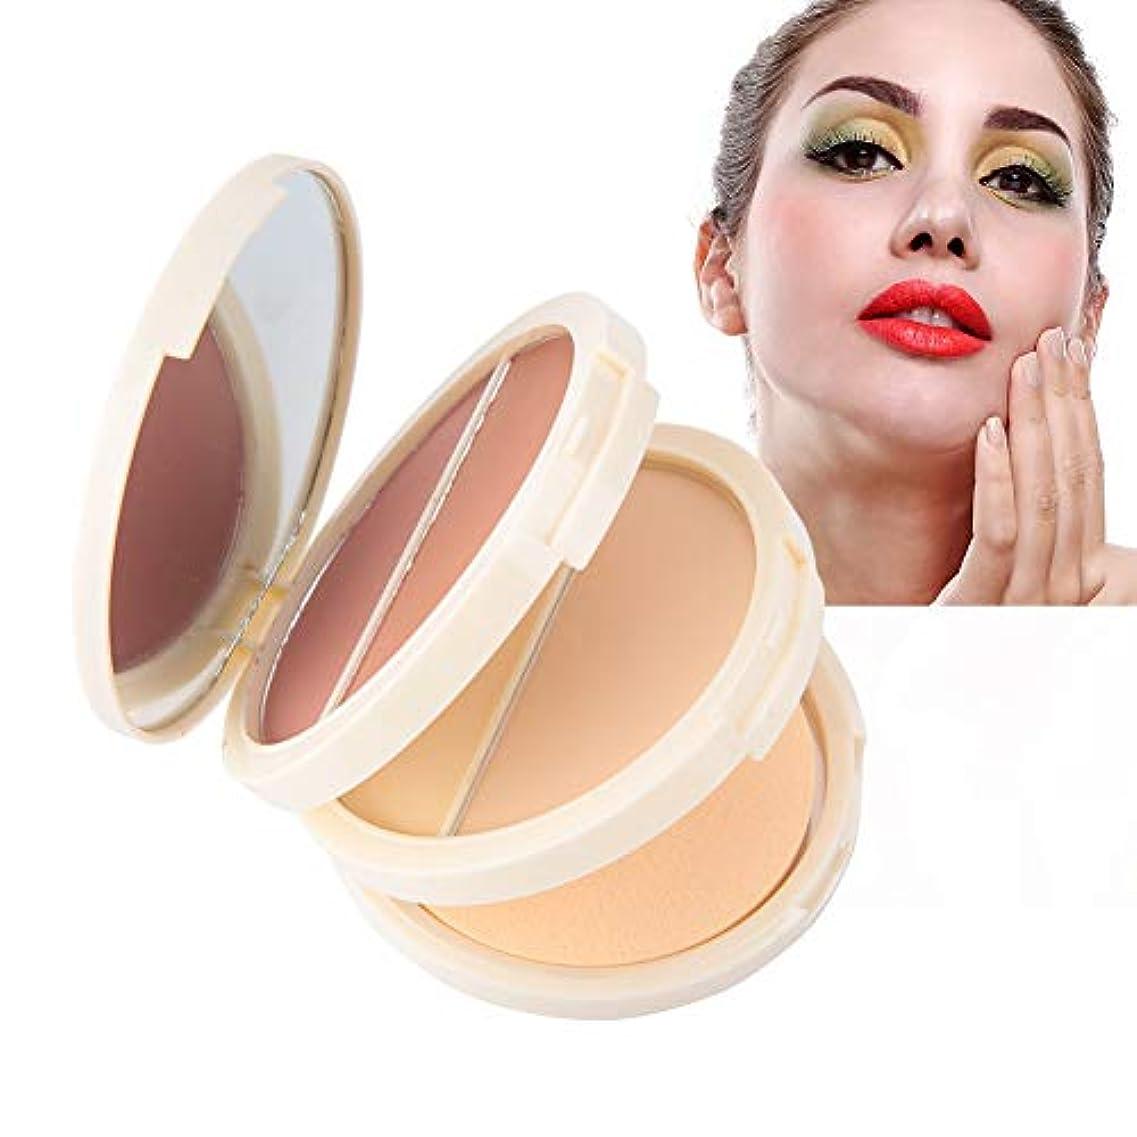 突撃雑草割る化粧品、オイル管理および防水および長続きがする効果のための1つのコンシーラーの粉の赤面粉に付き3つ